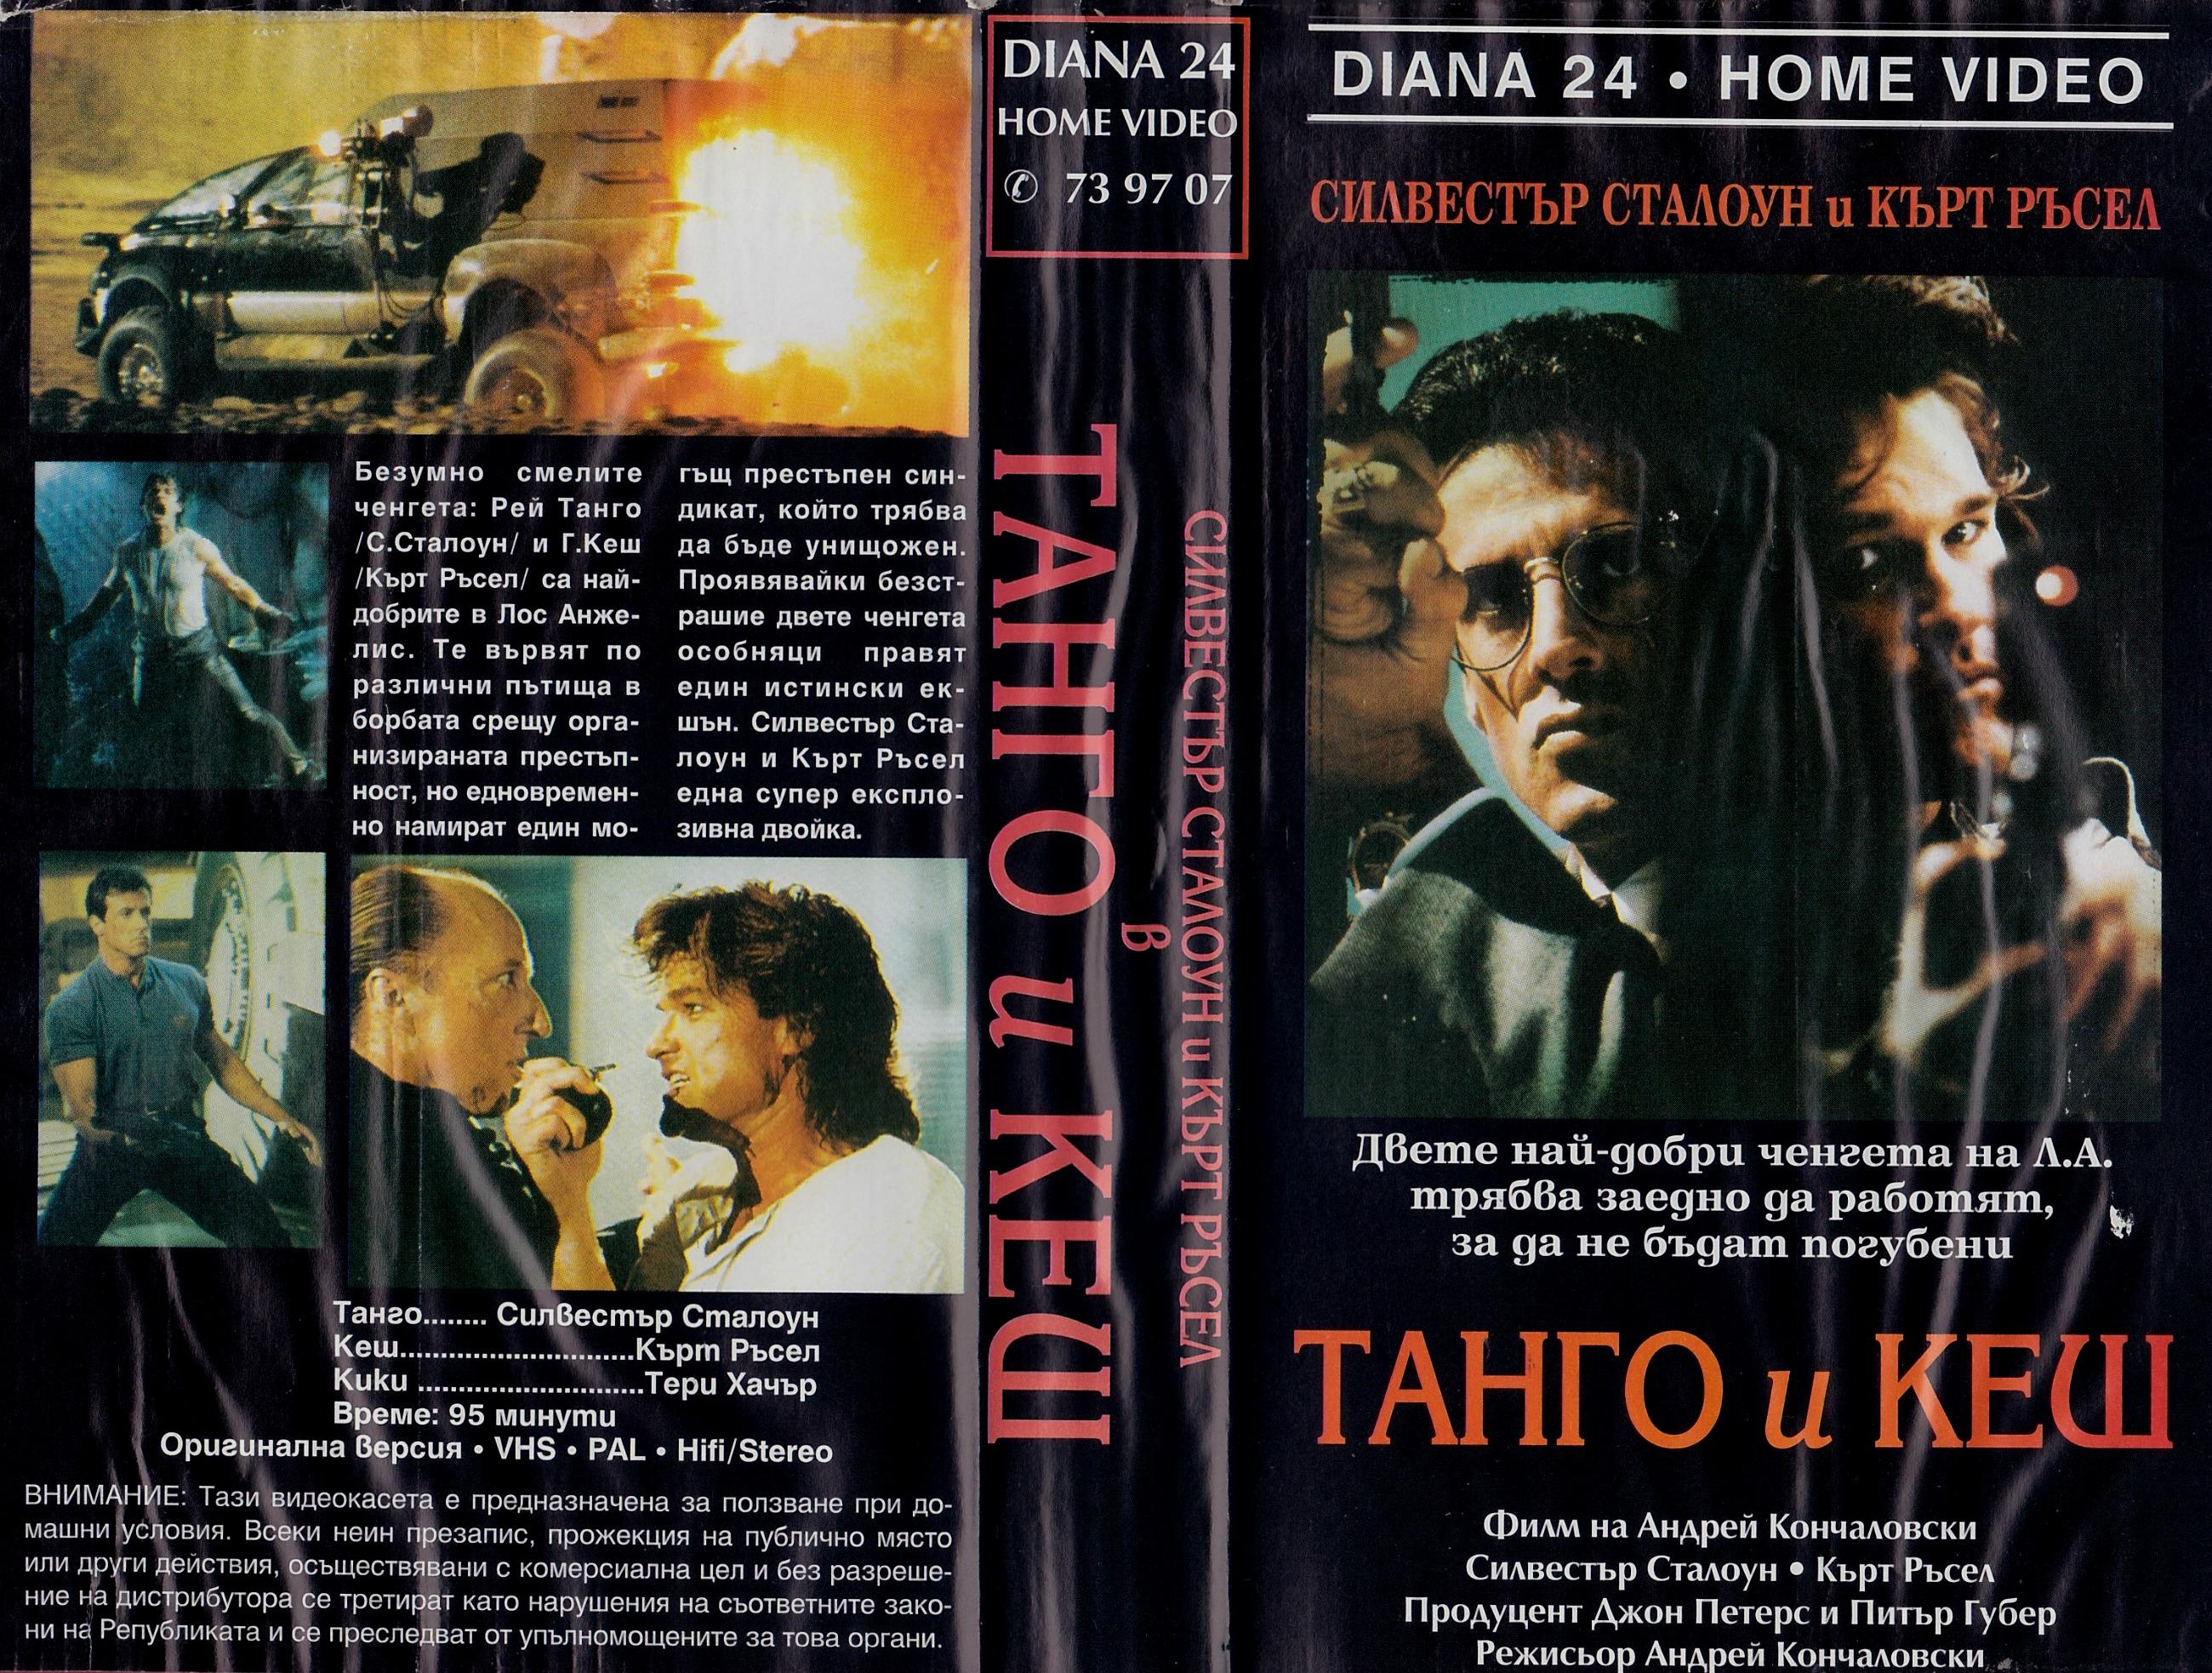 Танго и Кеш кърт ръсел филм